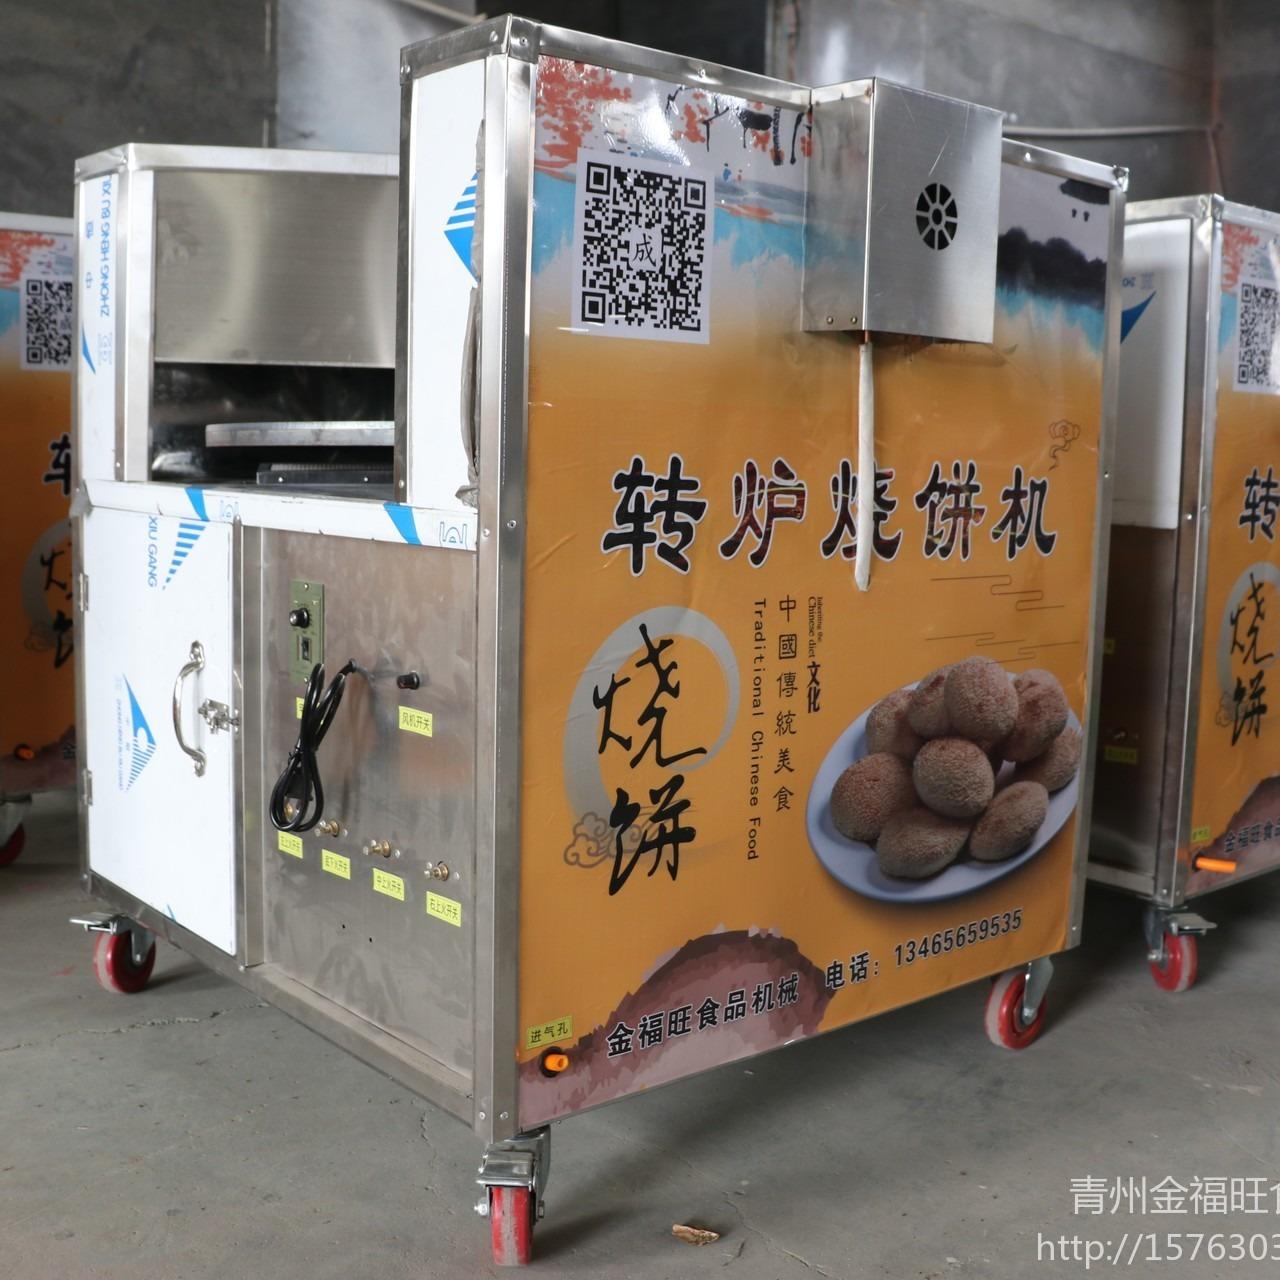 全自轉爐動燒餅機 轉爐燒餅機  燒餅機 新型燒餅機廠家